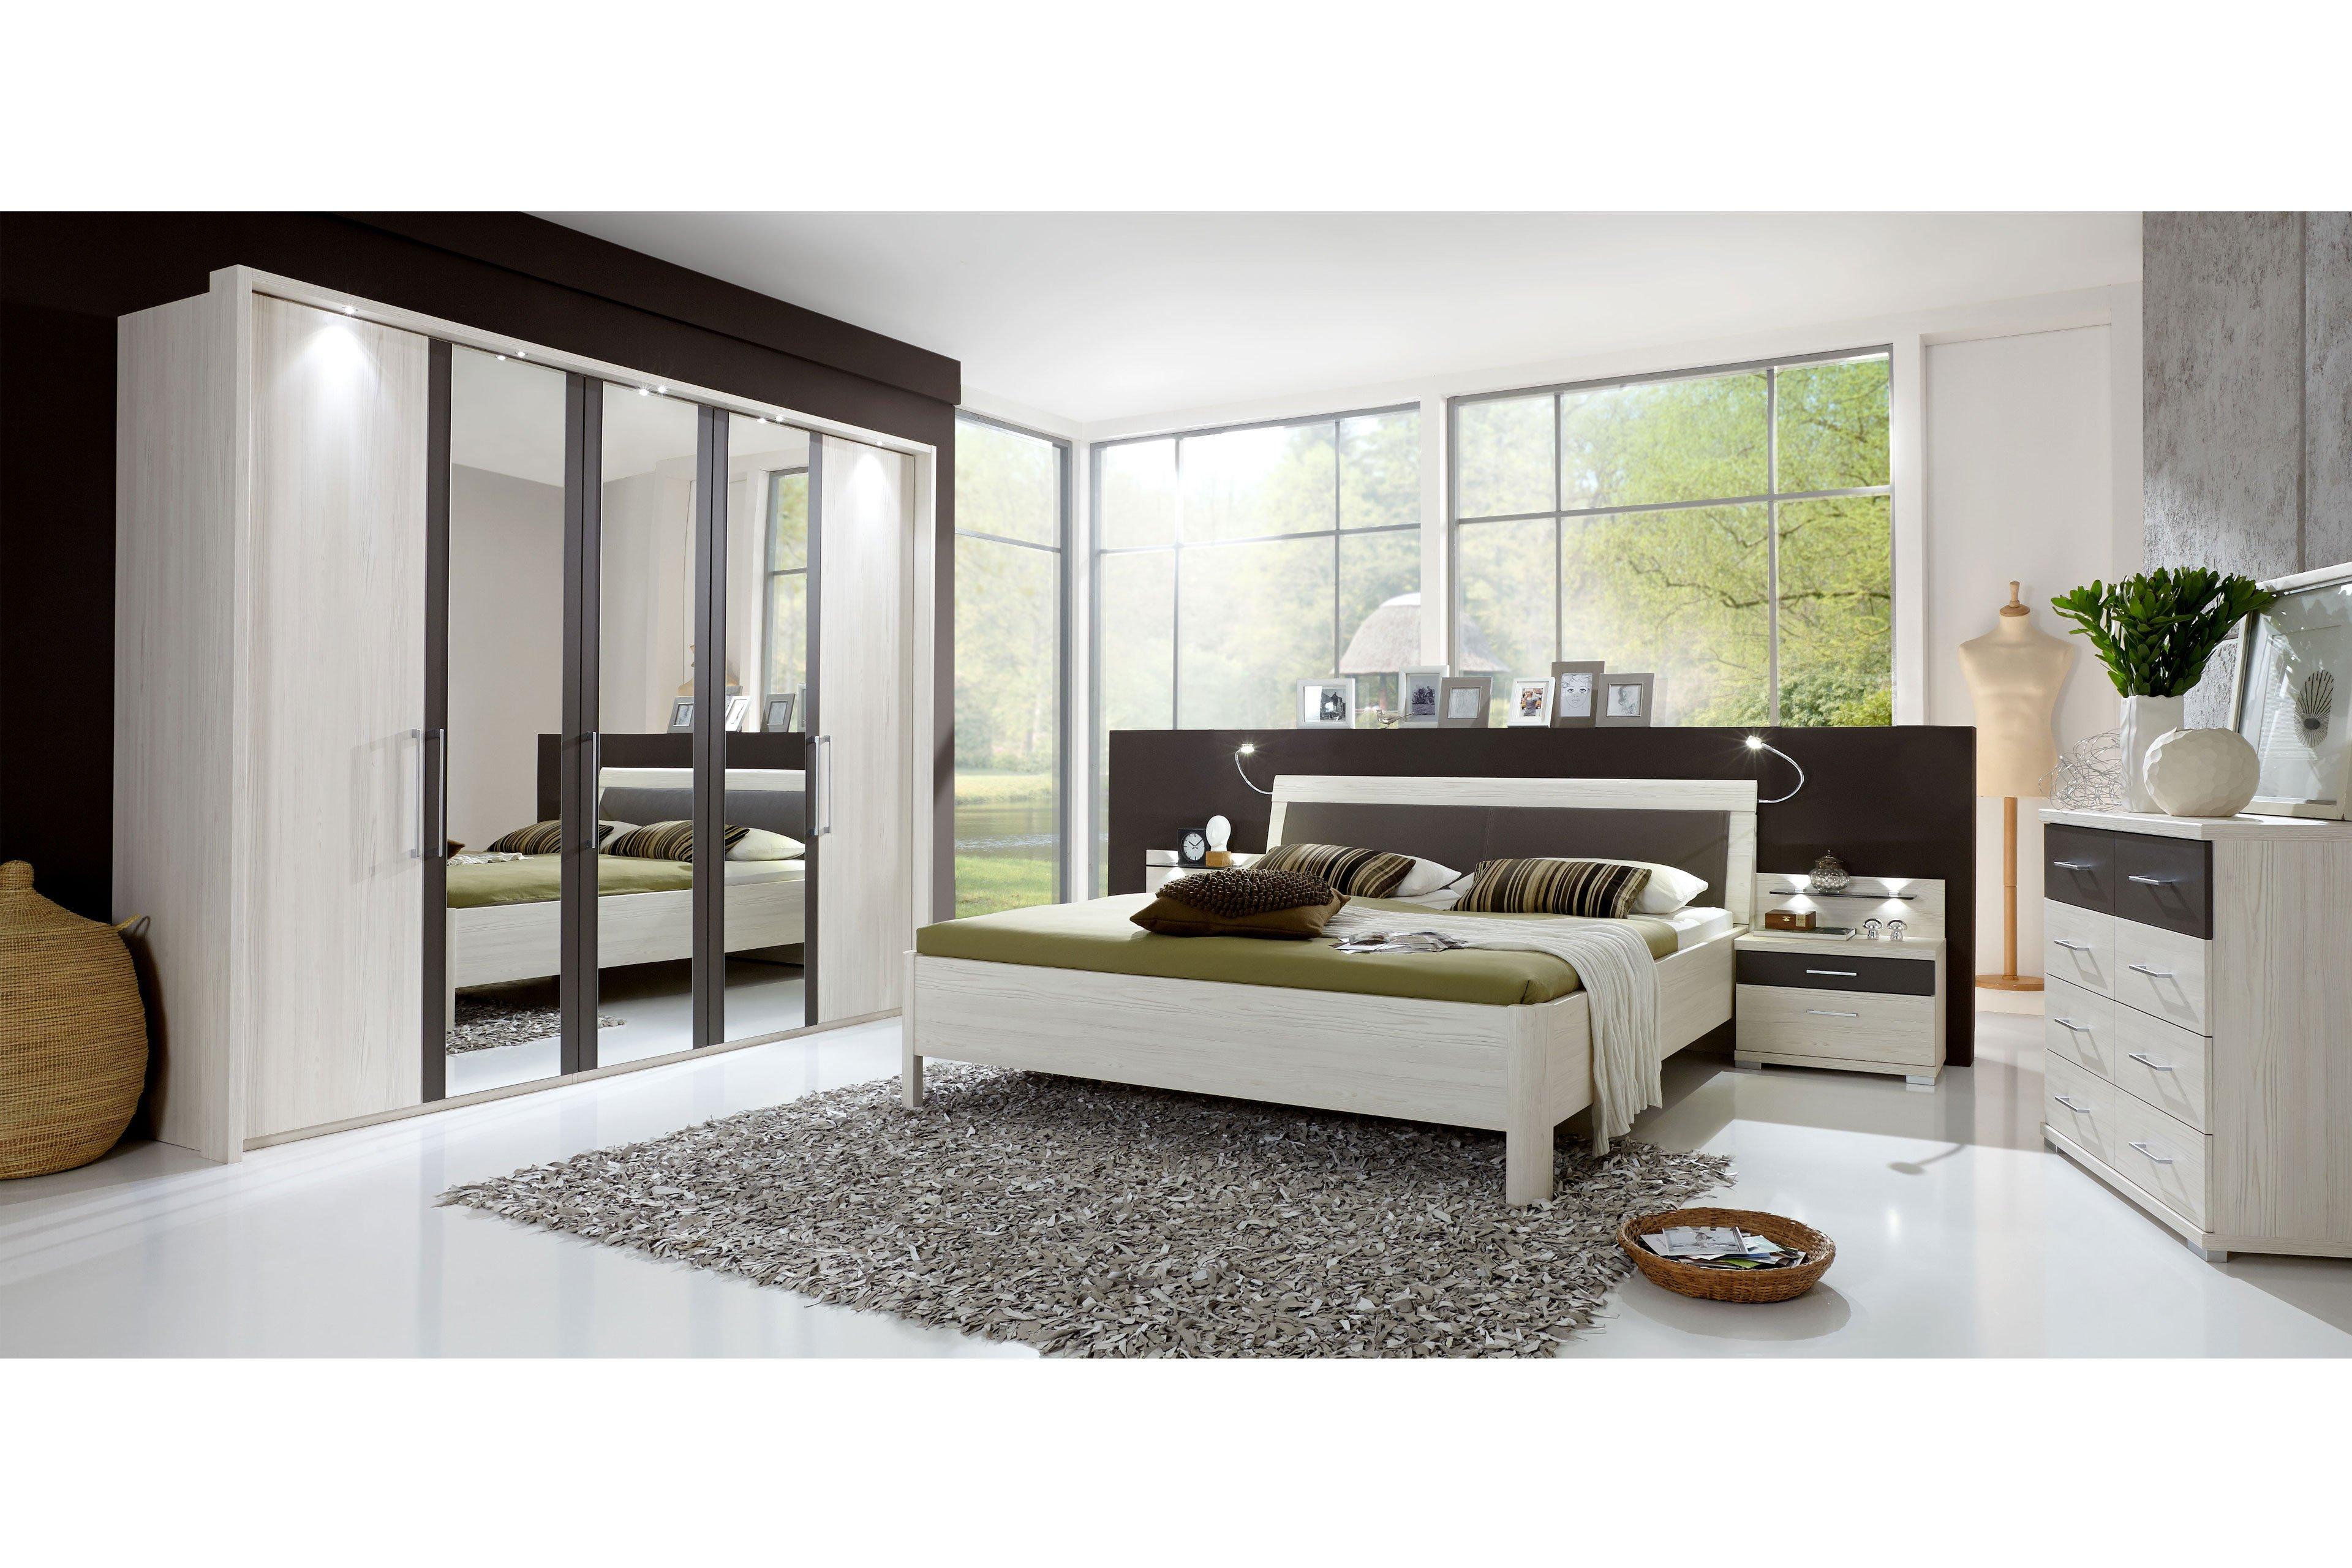 wiemann lissabon schlafzimmer polar l rche m bel letz. Black Bedroom Furniture Sets. Home Design Ideas